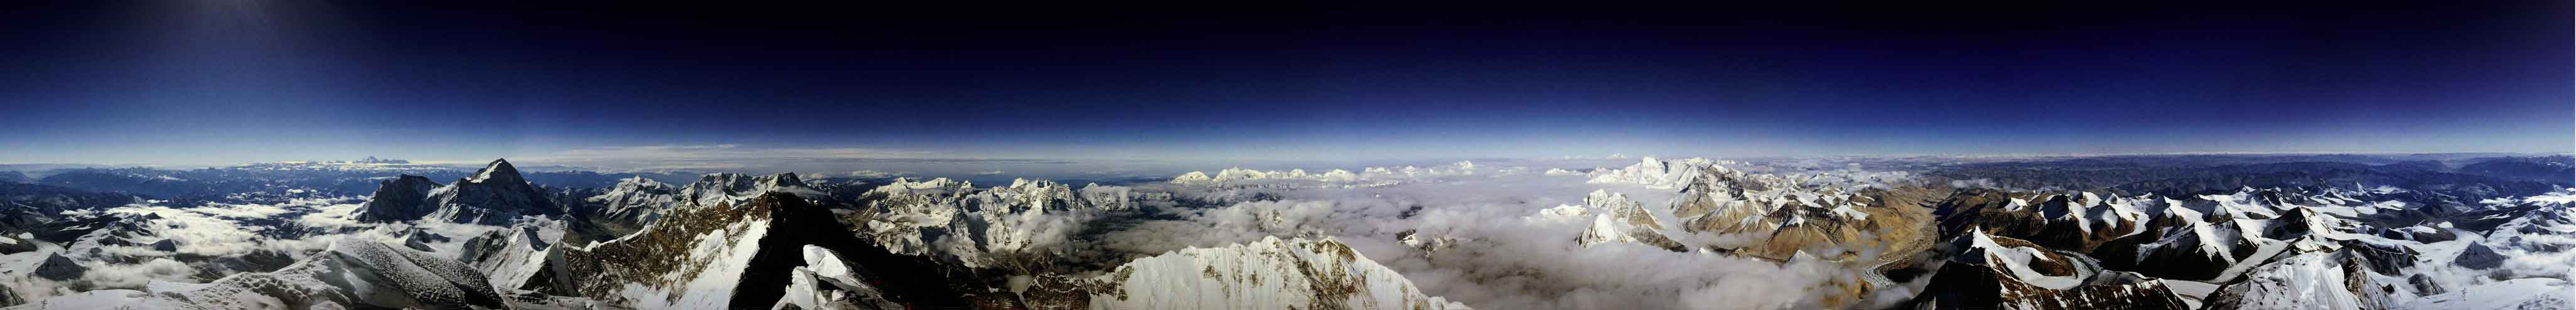 Pohled z Everestu